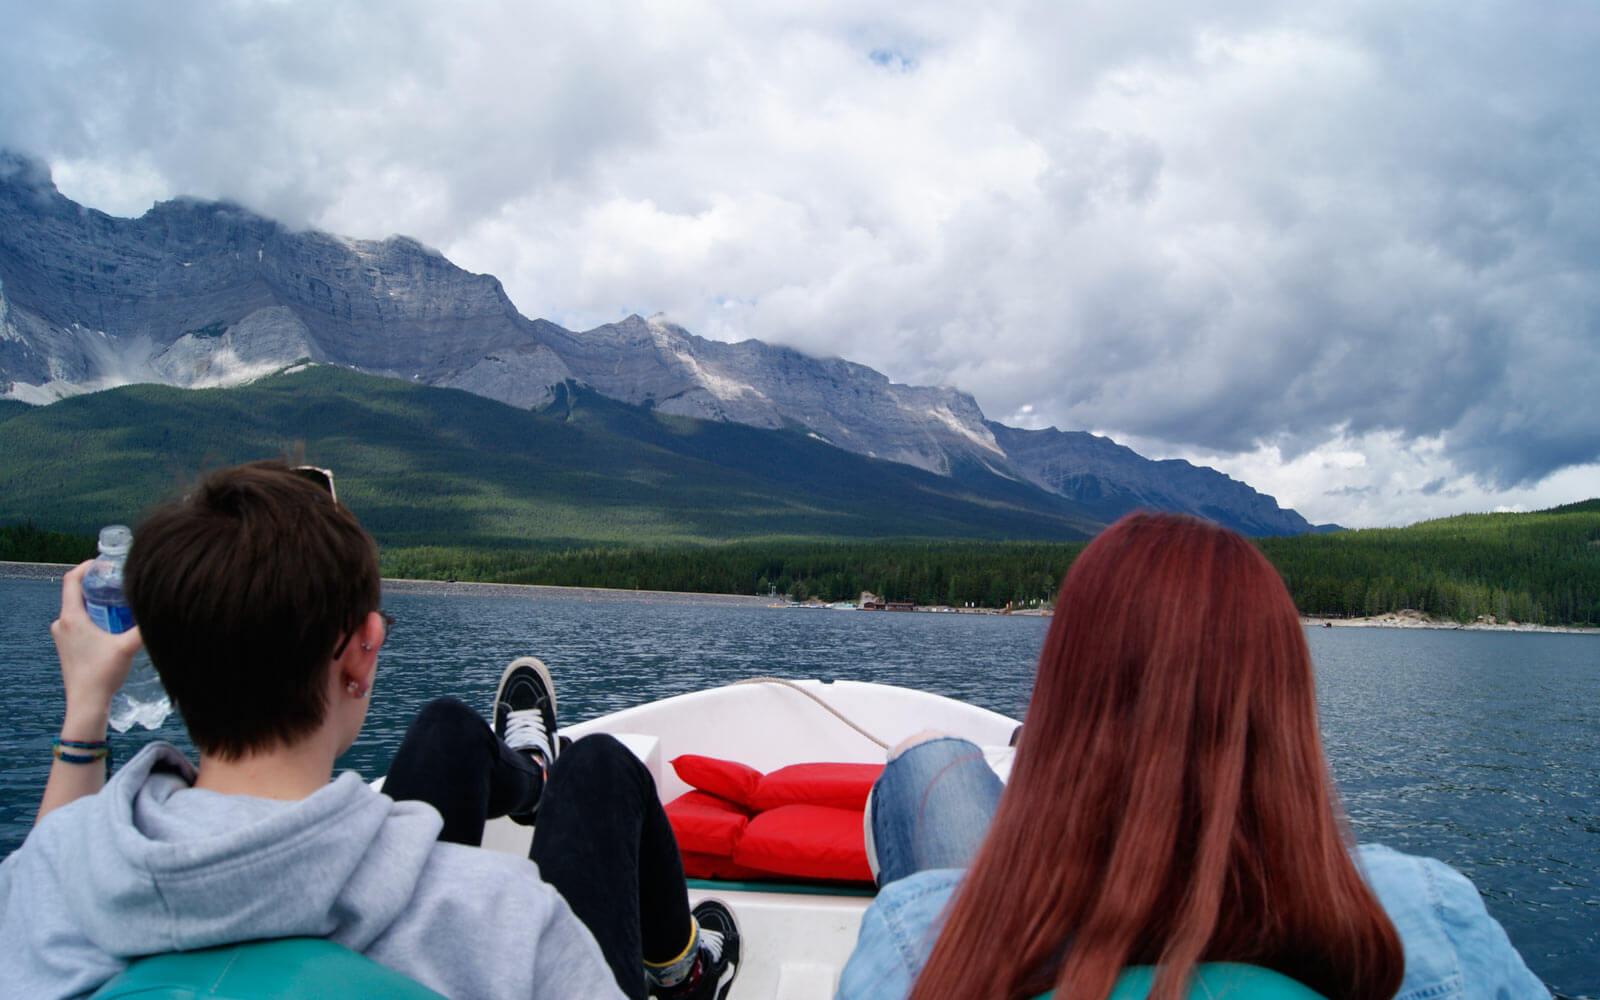 Tretboot-Tour mit Bergaussicht auf dem Lake Minnewanka in Kanada